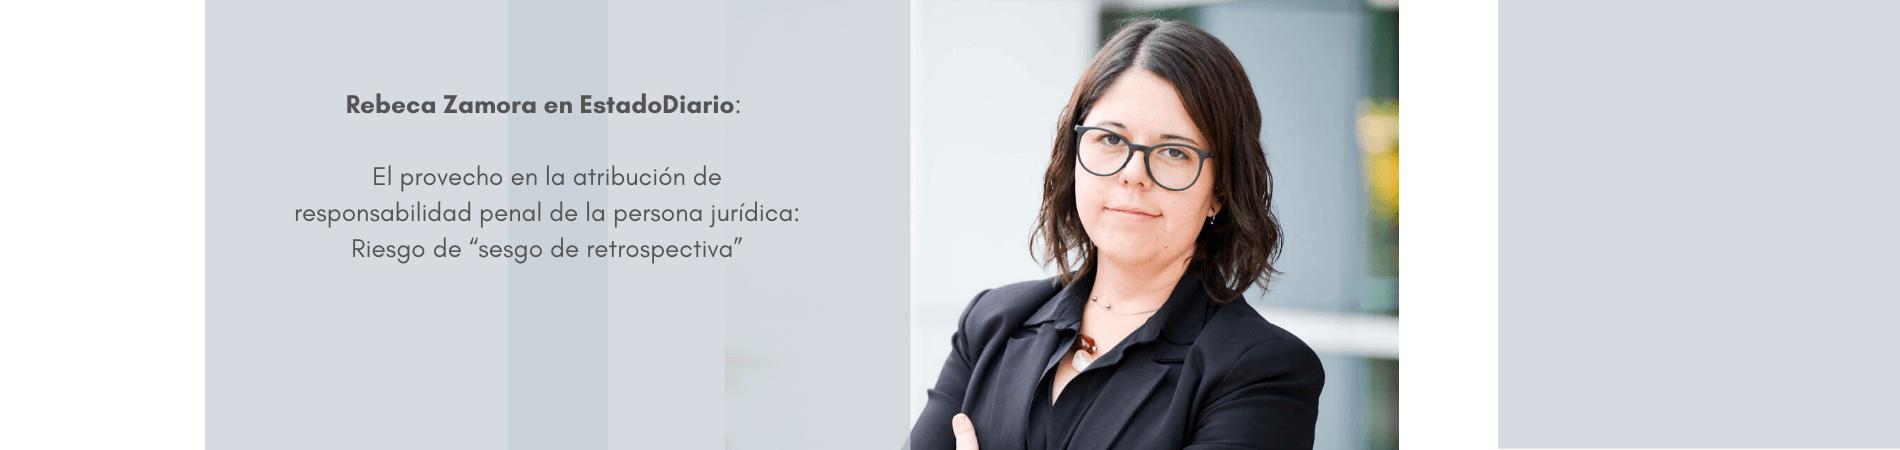 web RZP en EstadoDiario